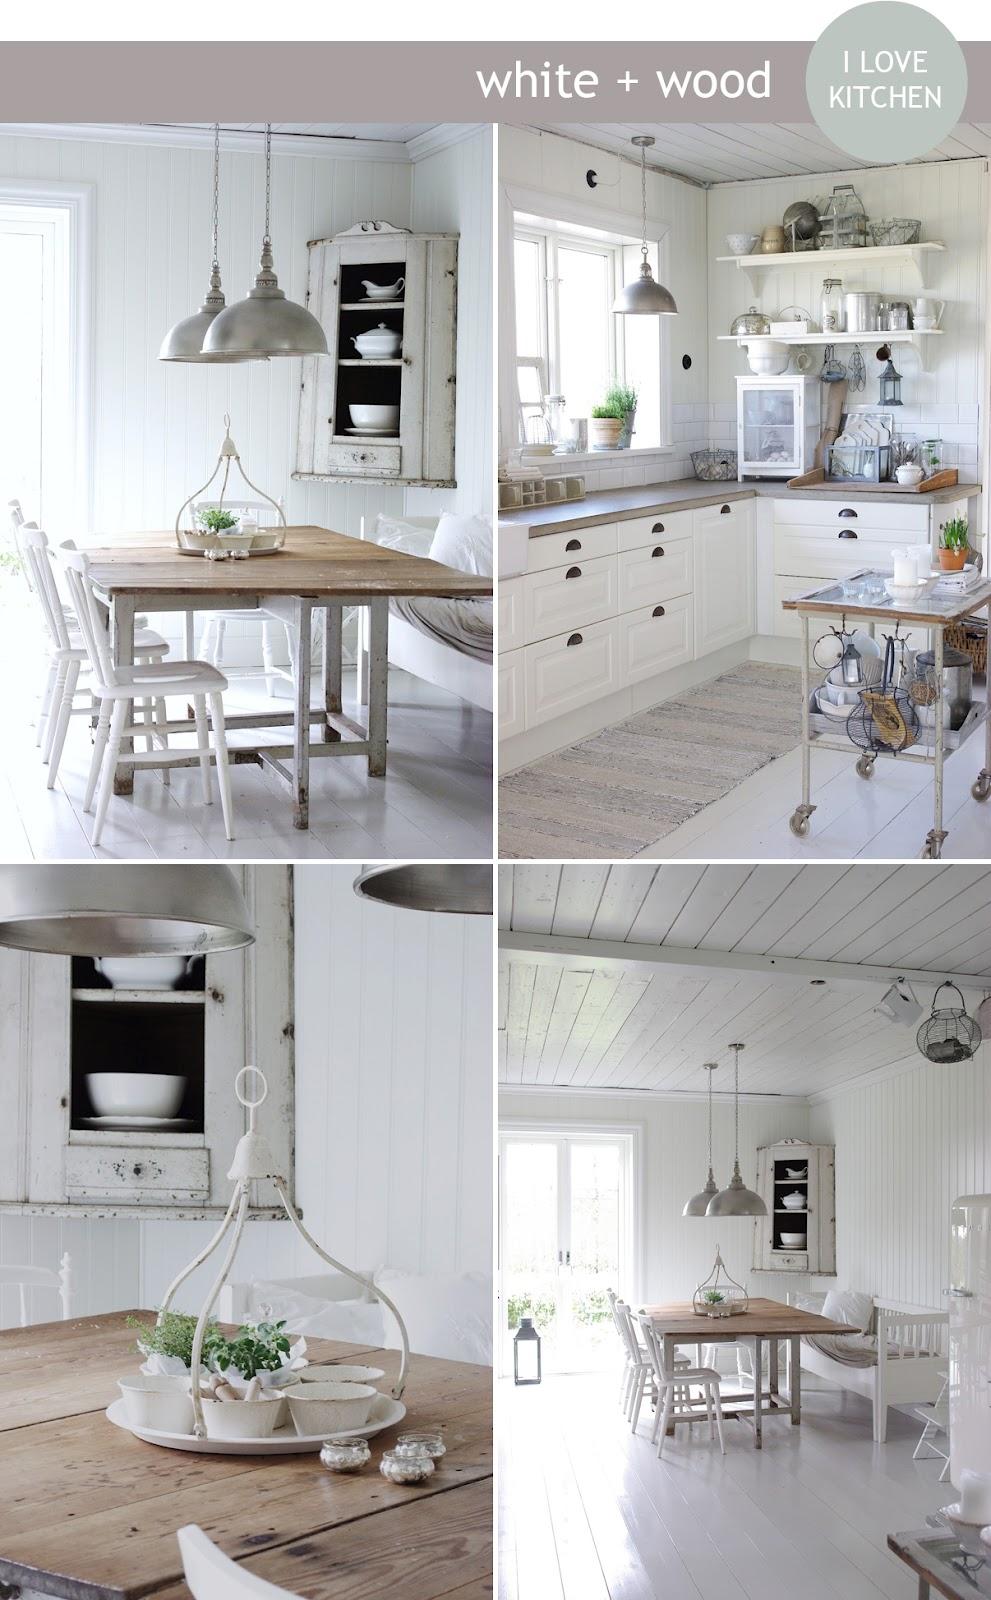 Stile nordico semplice e originale shabby chic interiors for Arredamento stile nordico